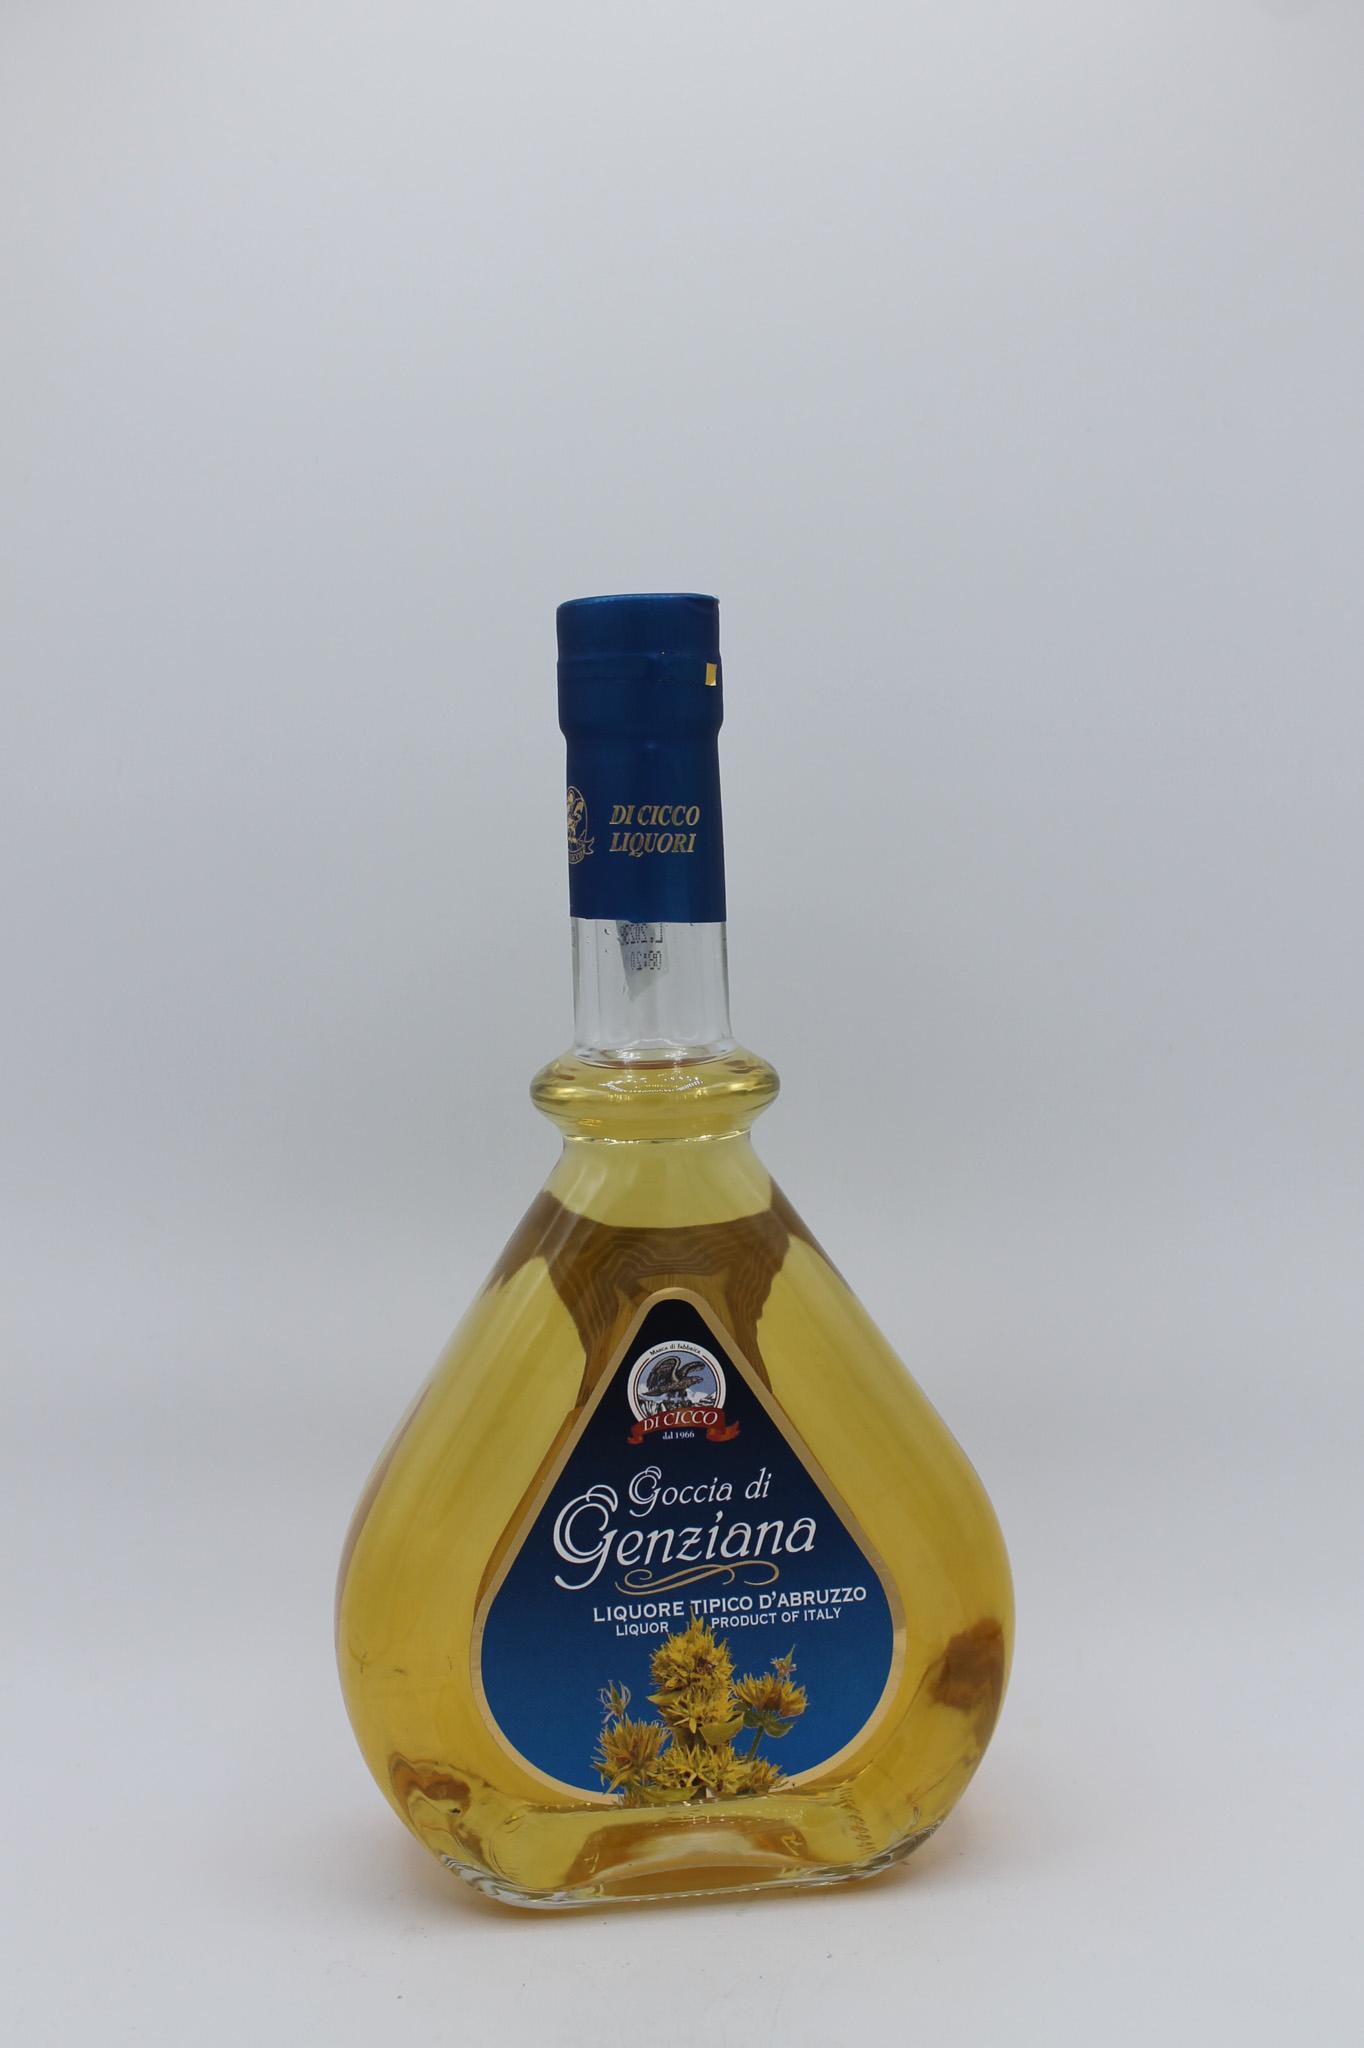 Di Cicco liquore alla genziana 500ml.